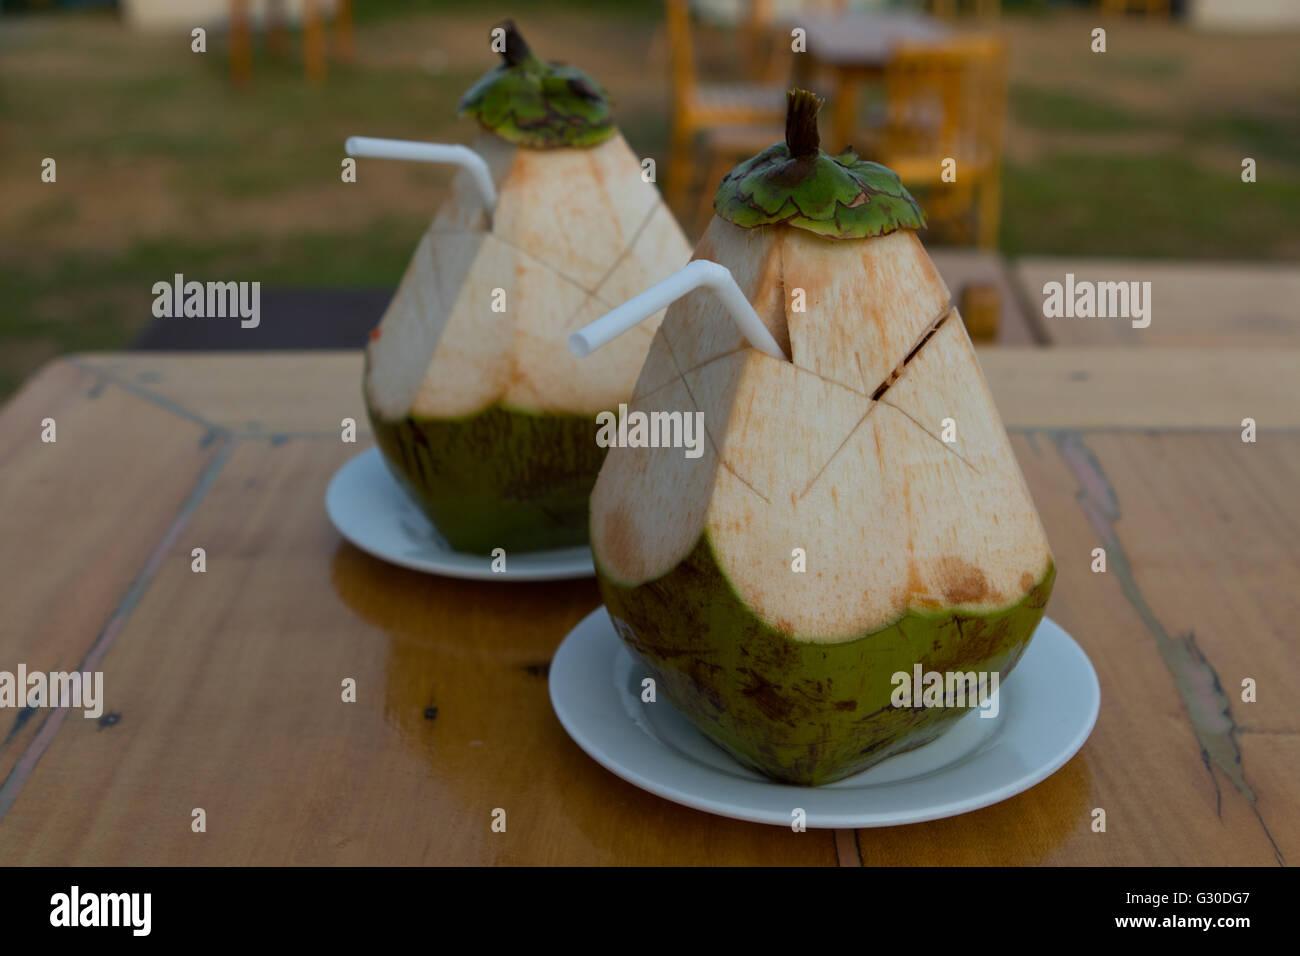 Les jeunes cocotiers fournissent une boisson hydratante rafraîchissante dans les endroits où elles sont récoltées Banque D'Images